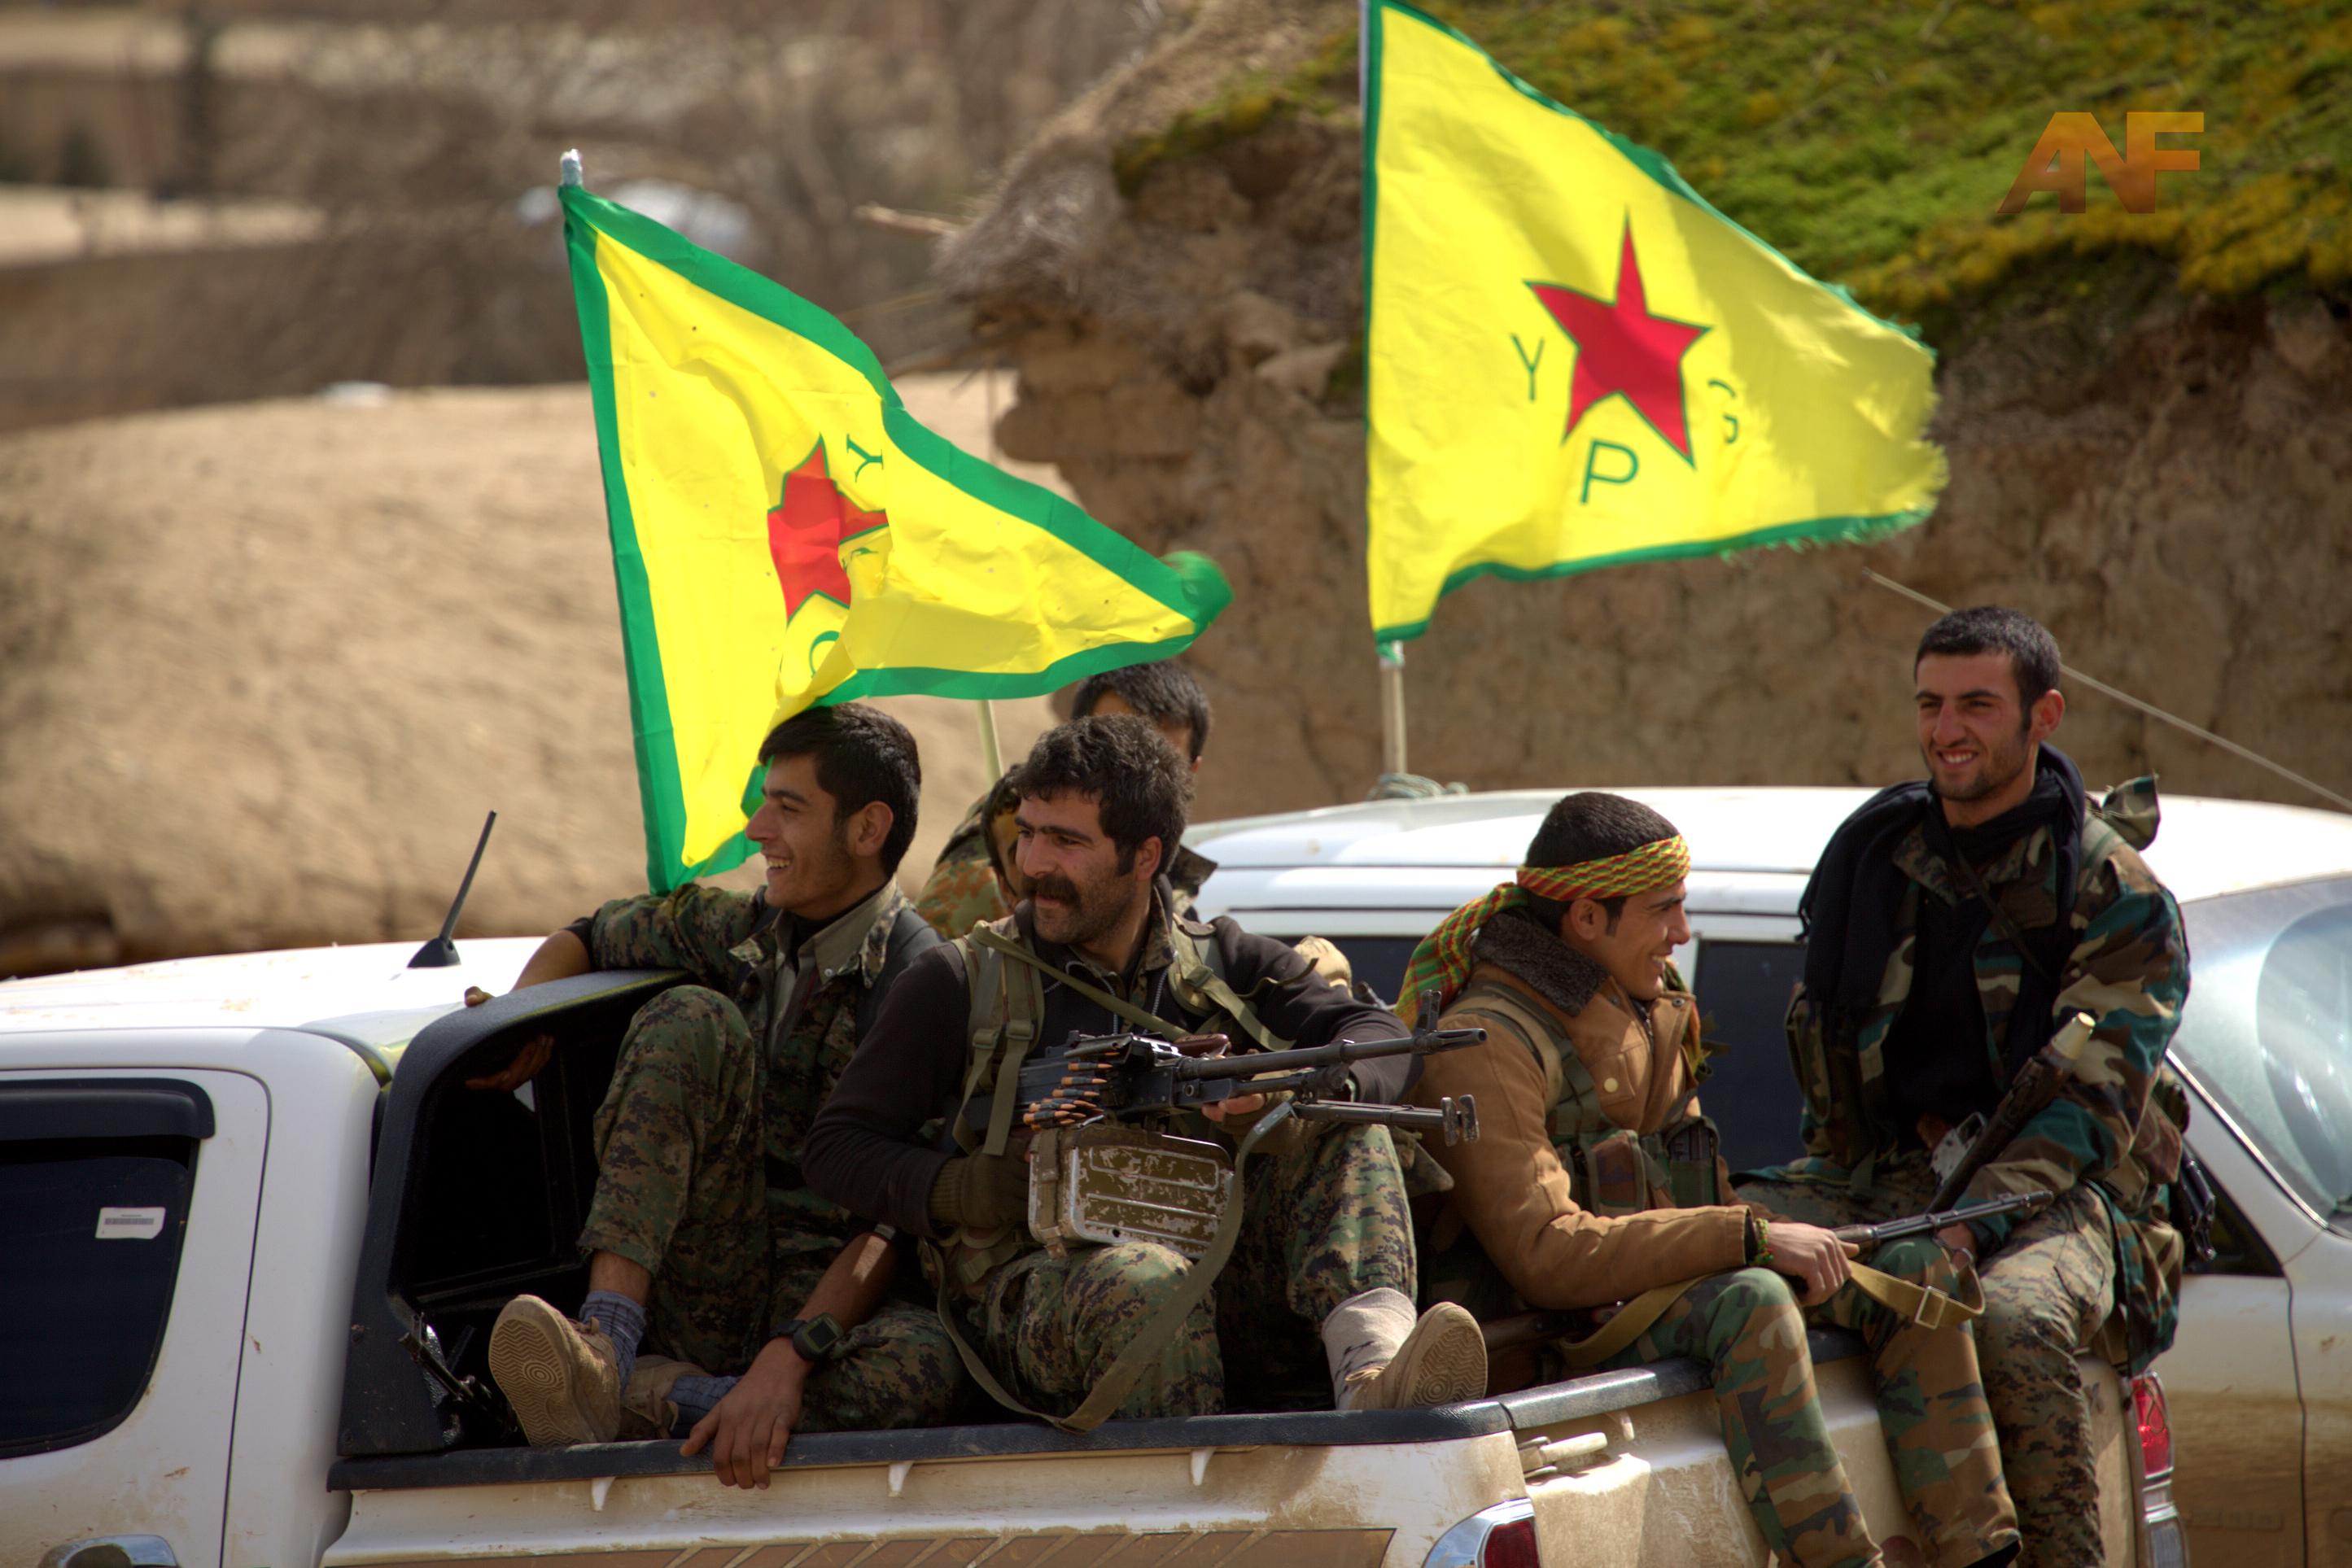 کردهای سوریه حمله به پایتخت داعش را آغاز کردند